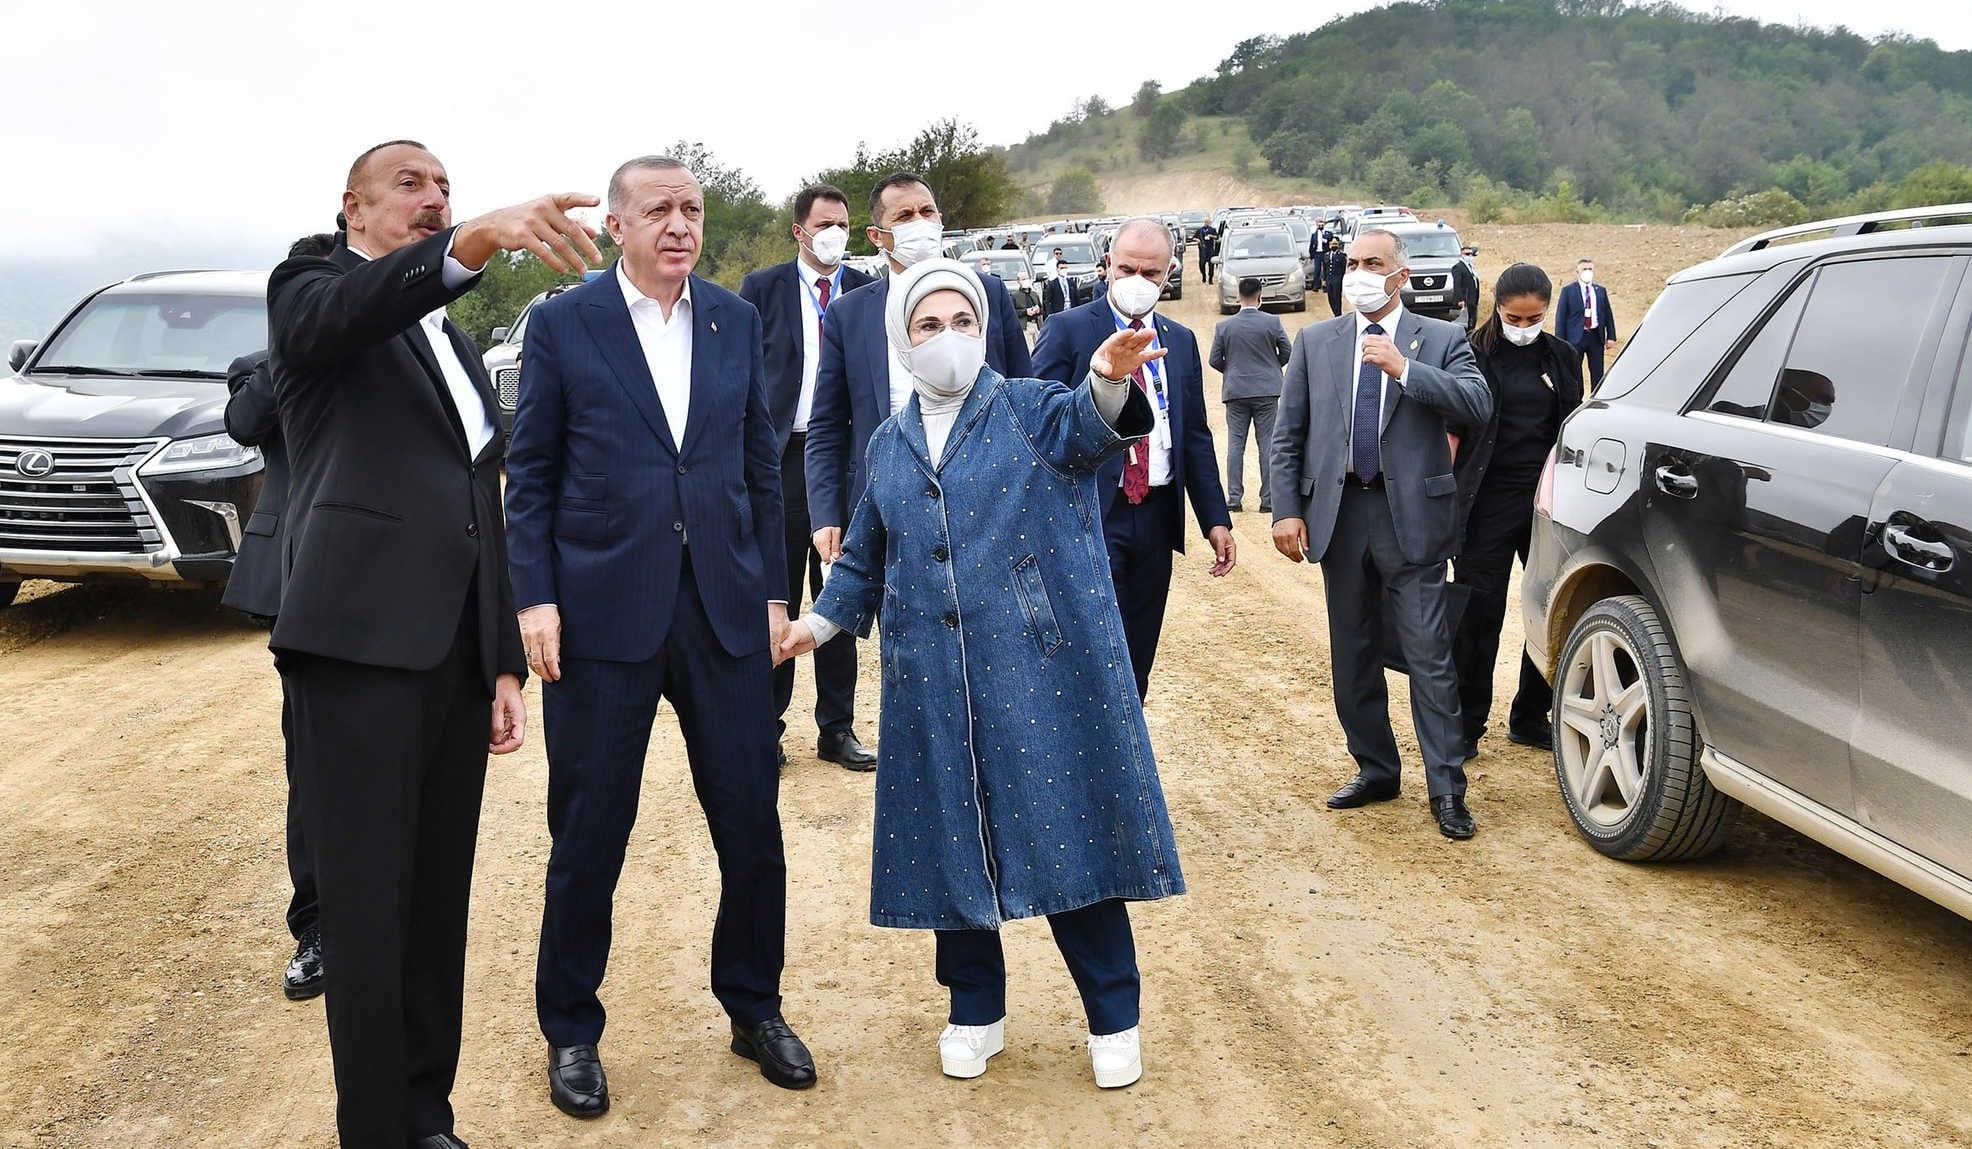 محادثة بين زوجة أردوغان والرئيس الأذربيجاني حول خرائط الألغام (فيديو)